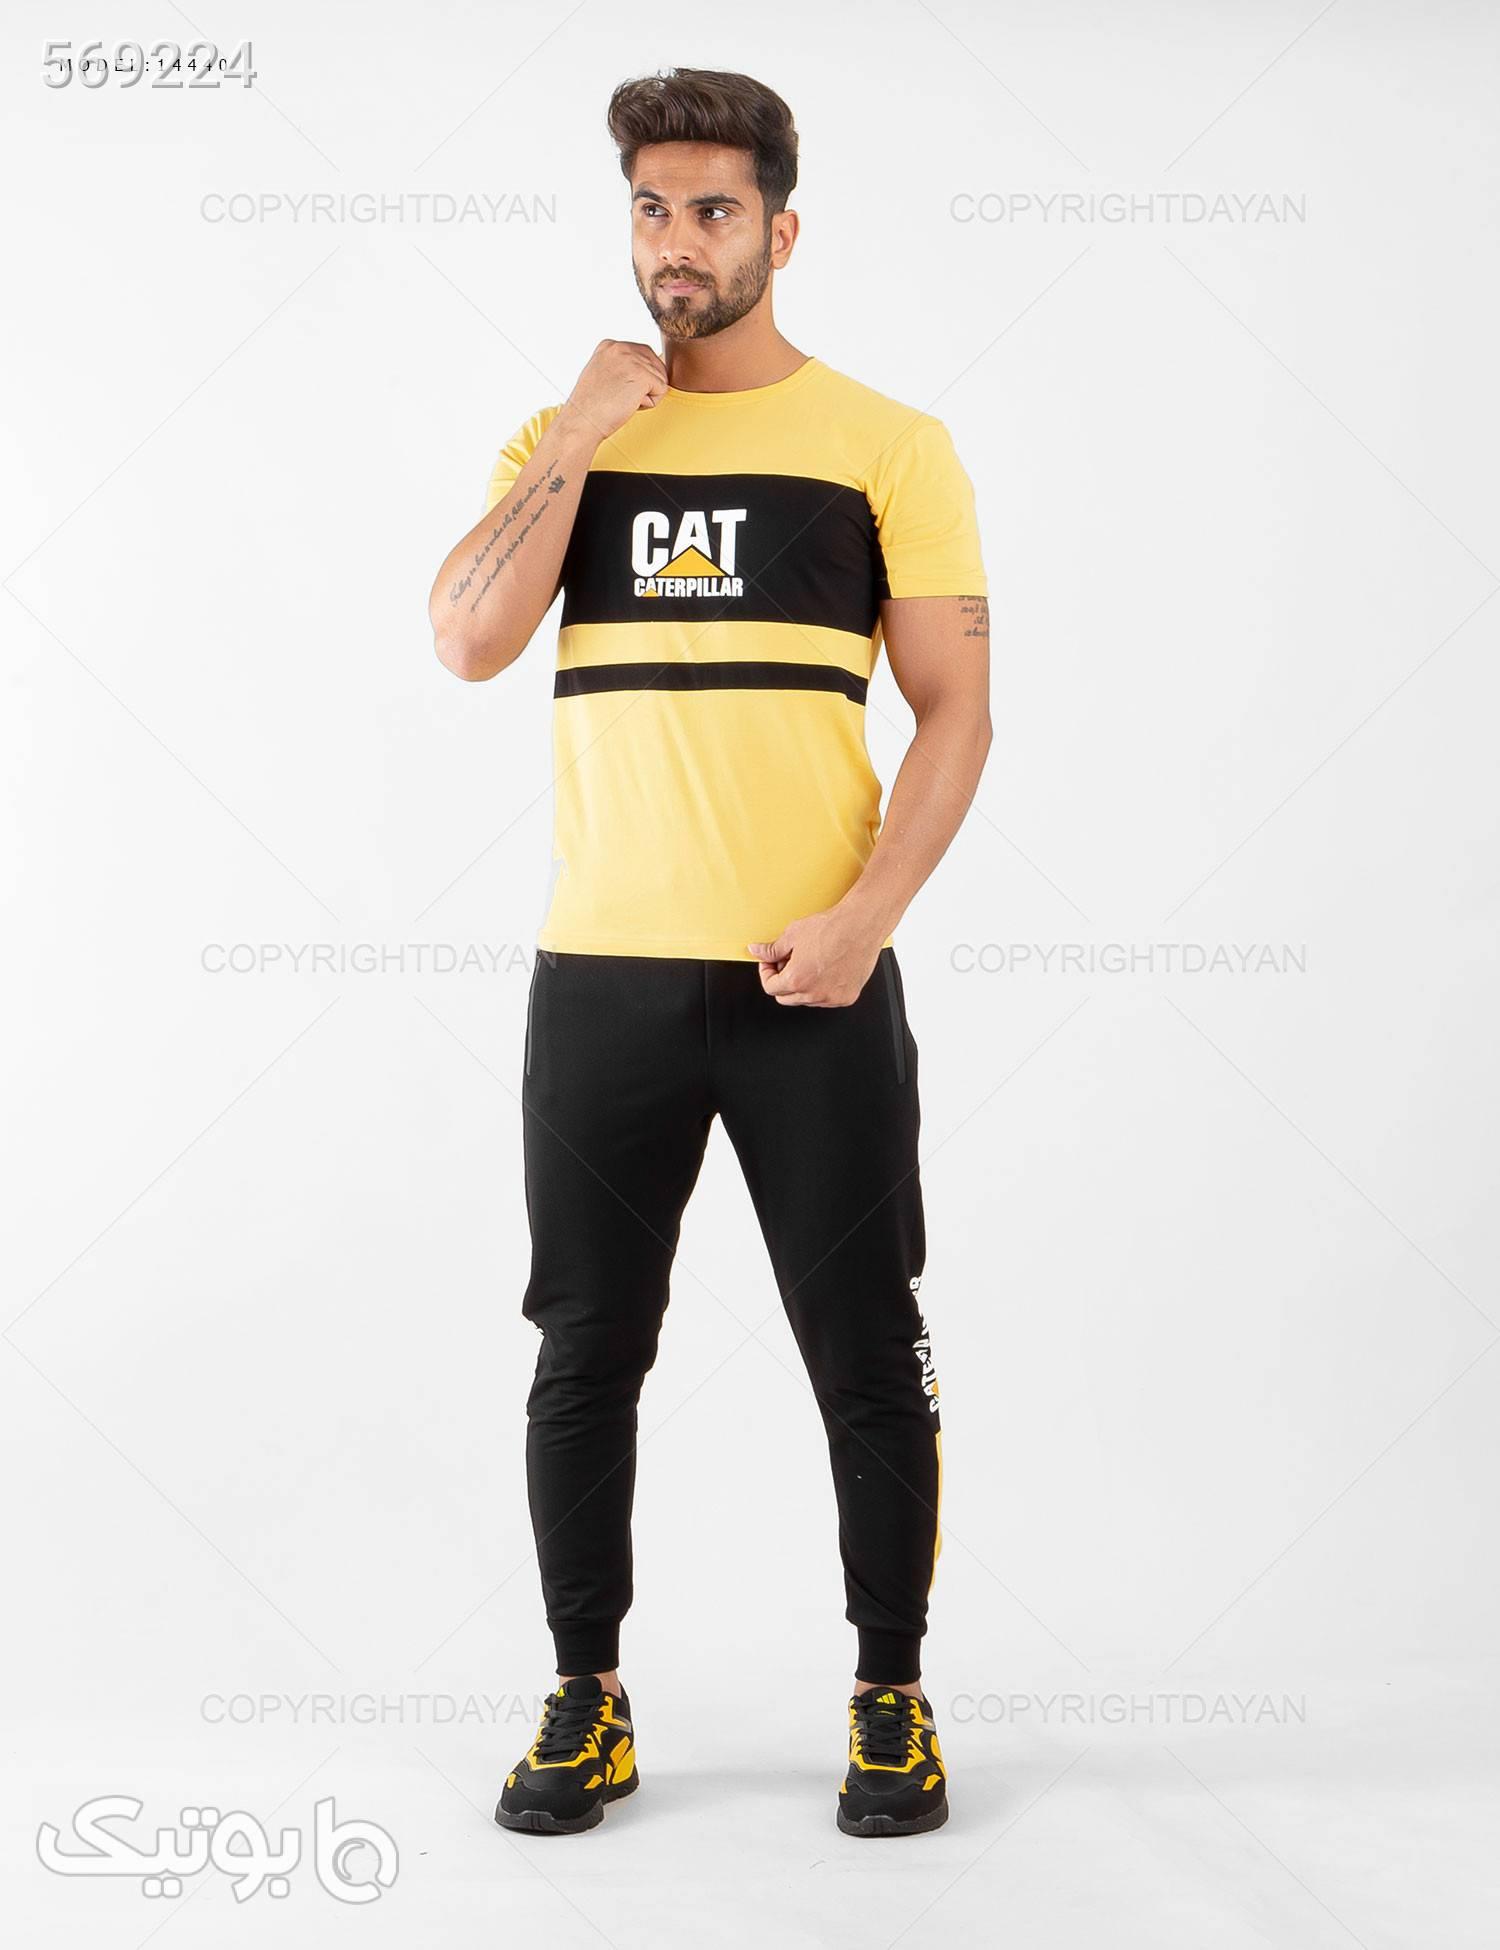 ست تیشرت و شلوار مردانه Cat مدل 14440 مشکی تی شرت و پولو شرت مردانه